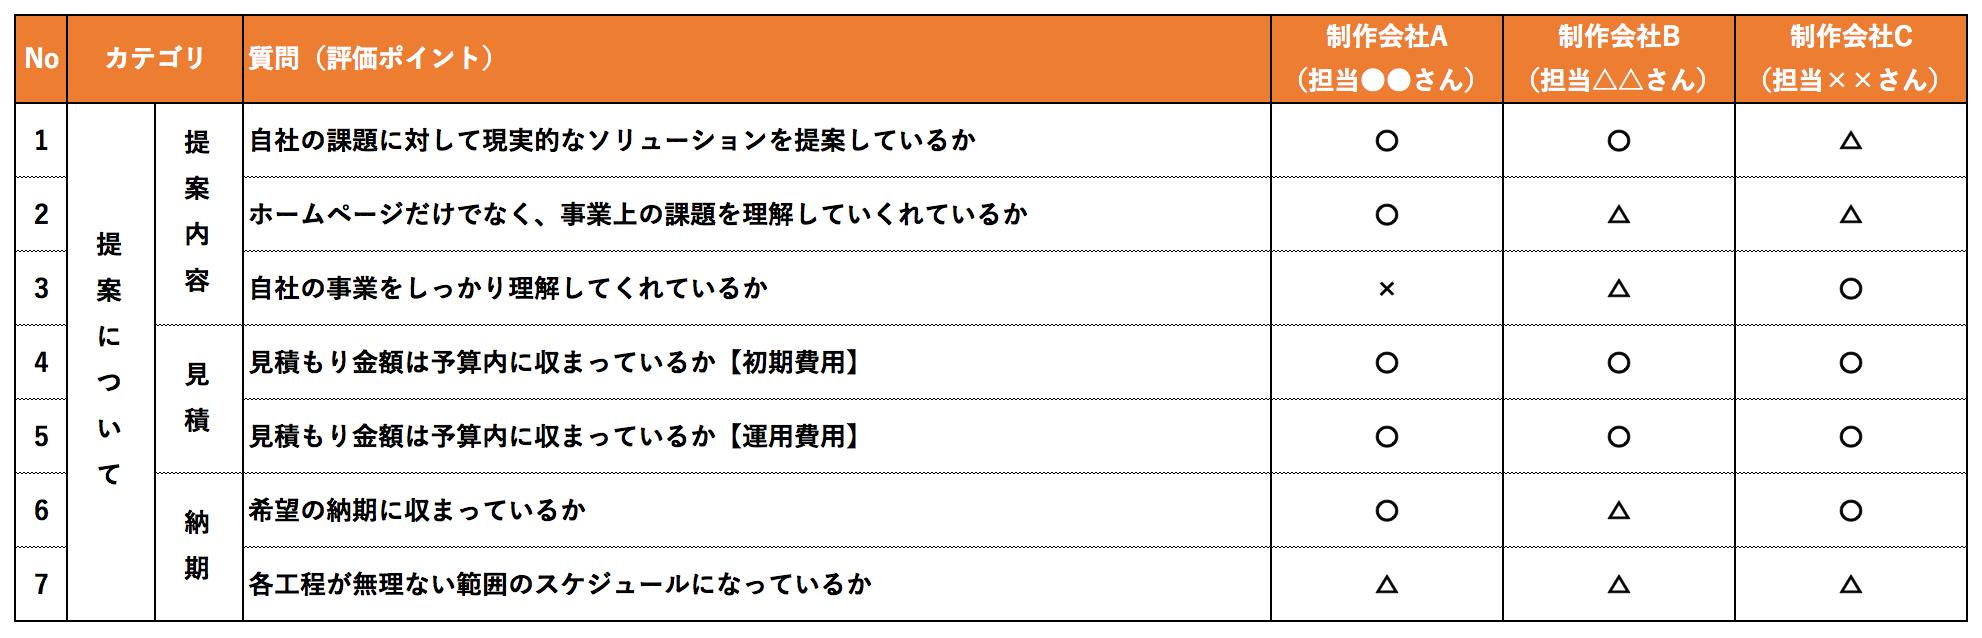 ホームページ制作会社の選び方_提案の評価